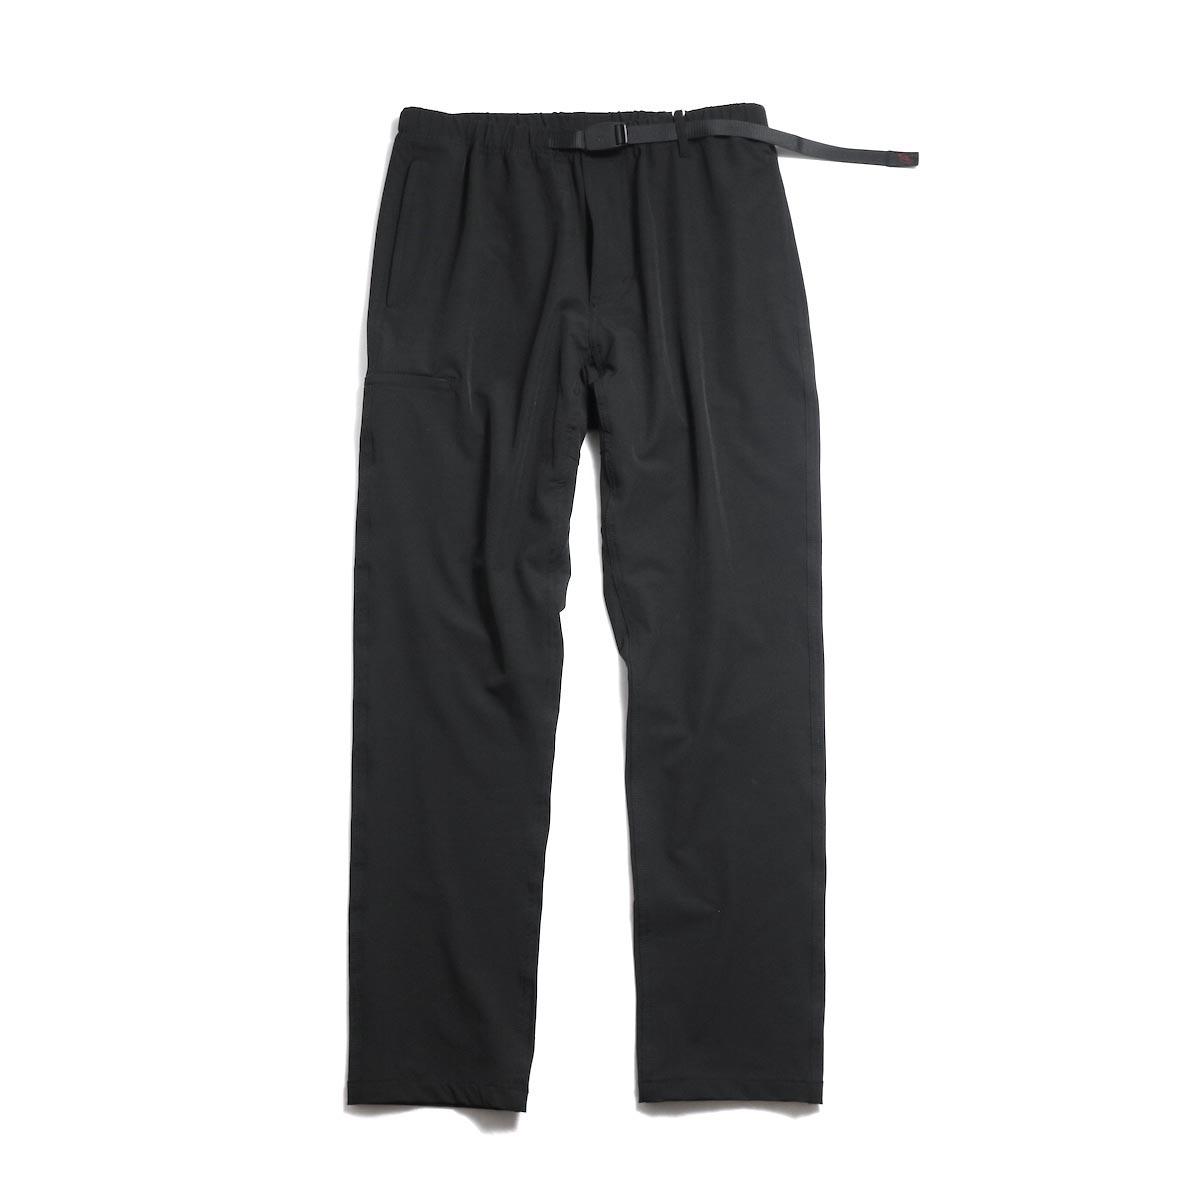 GRAMICCI / 4Way NN-Gear Tight Fit -Black